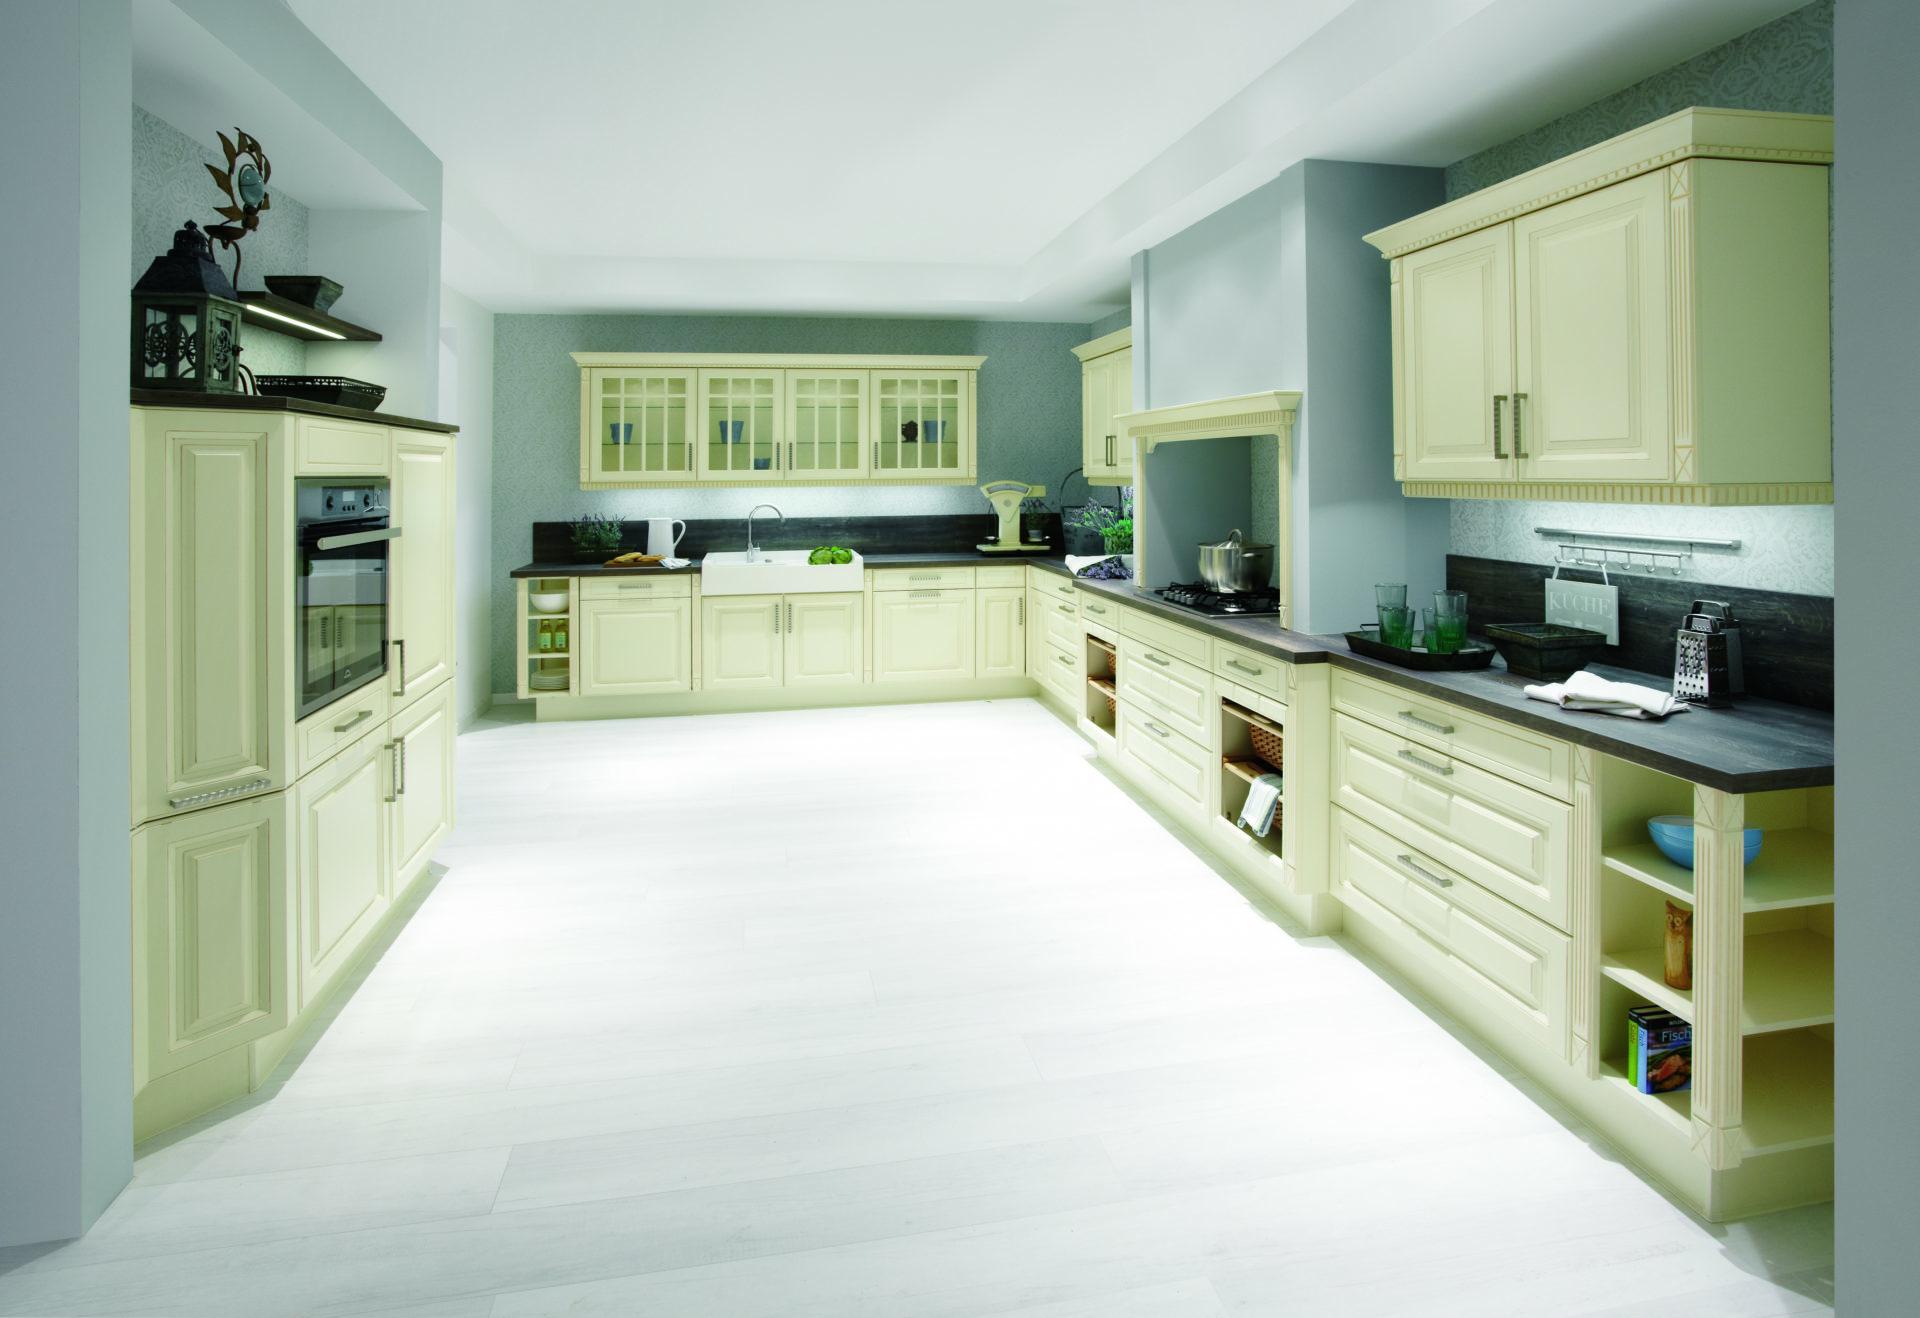 Klassieke keukens beleef je bij keukenhuiz in de westereen for Cuisine montana conforama